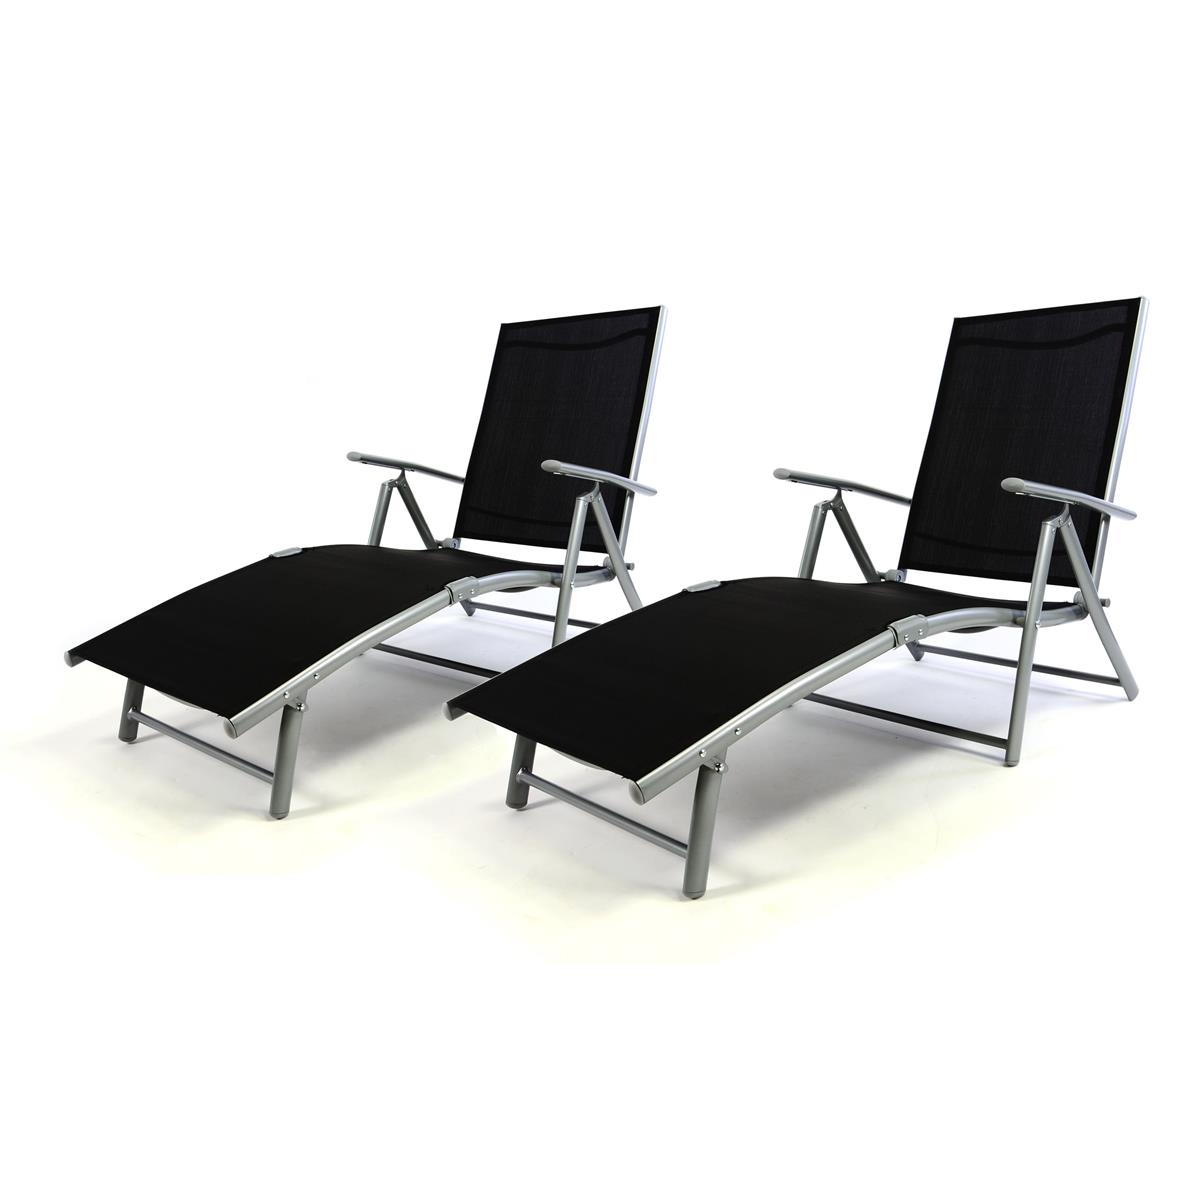 2er Set Gartenliege Sonnenliege Liegestuhl Textilene schwarz Rahmen grau